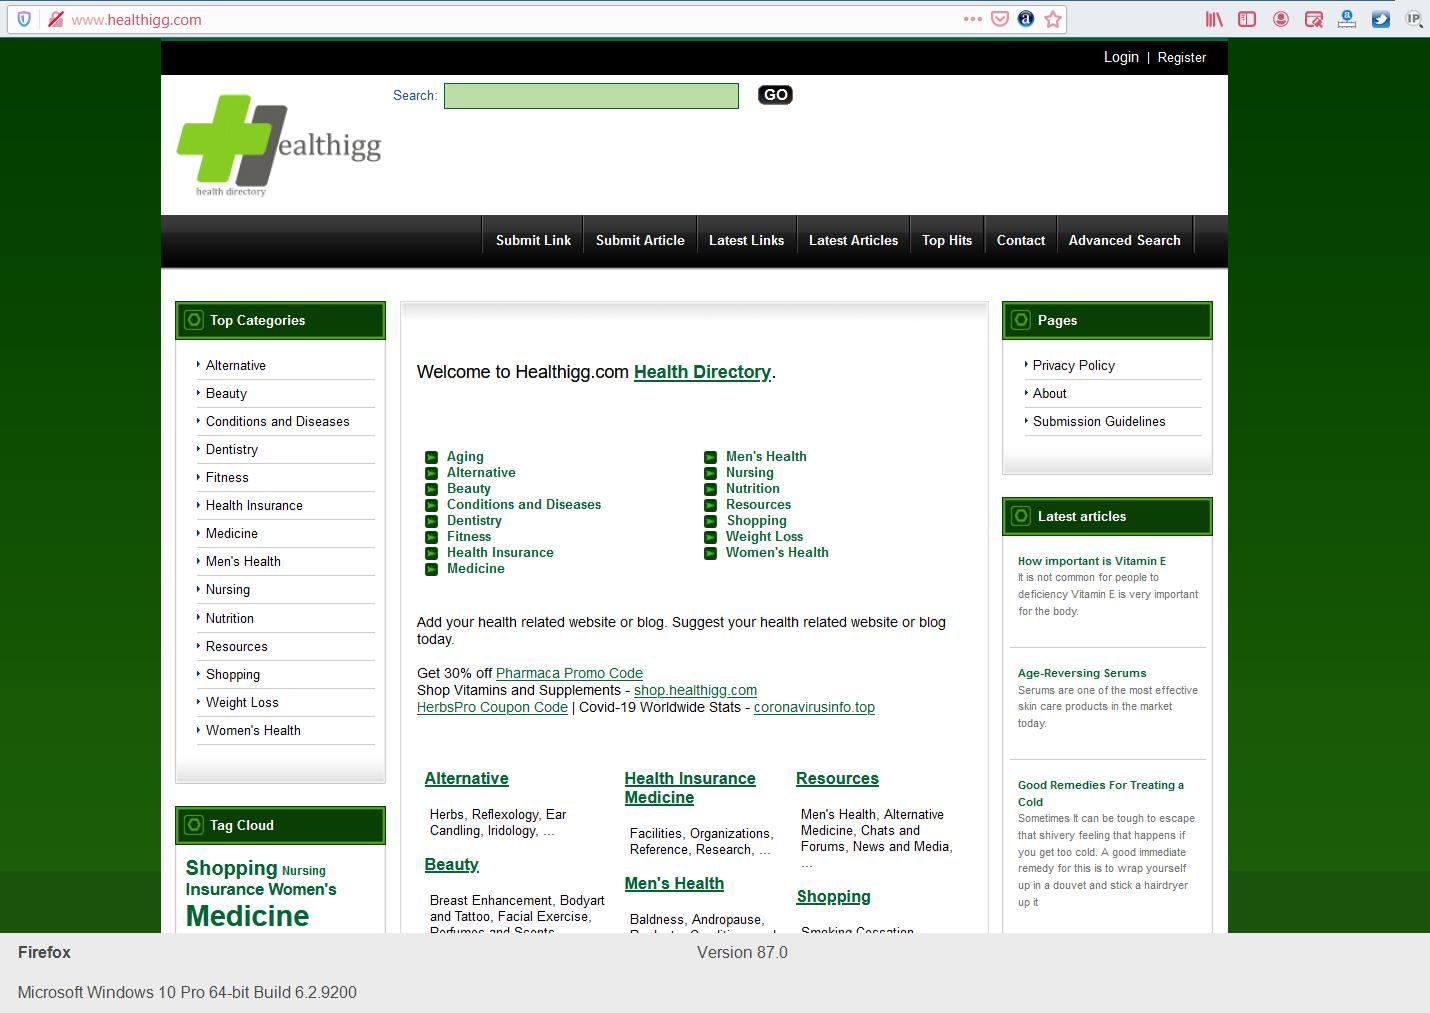 Add your website/blog to health directory - Healthigg. com